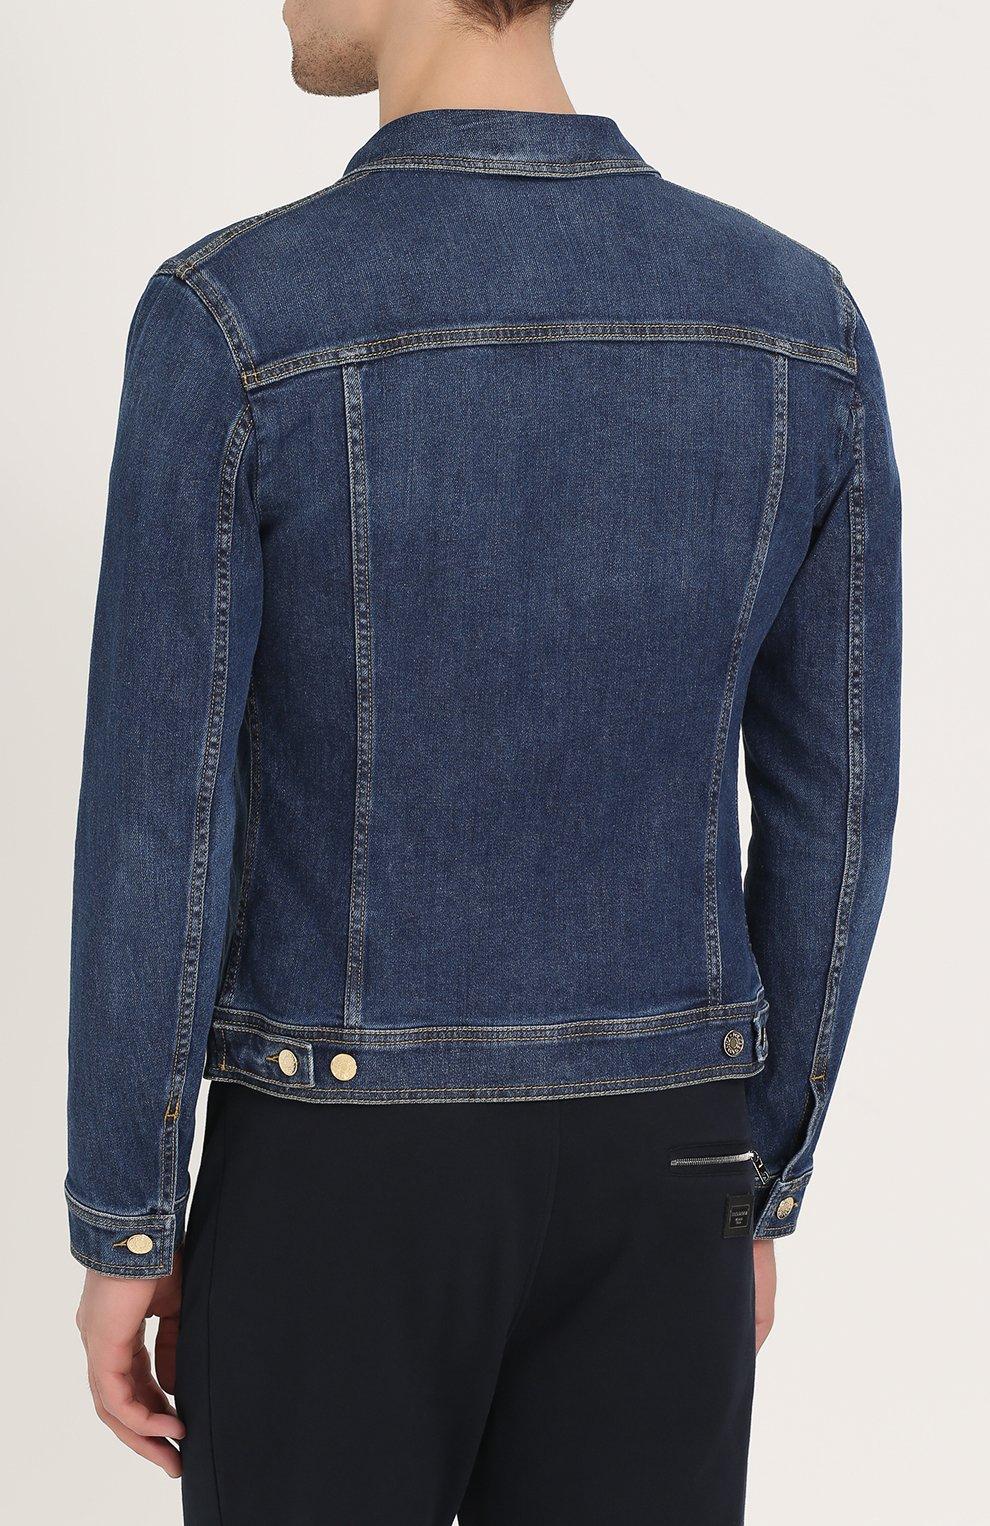 Джинсовая куртка с контрастной прострочкой и вышивкой канителью | Фото №4